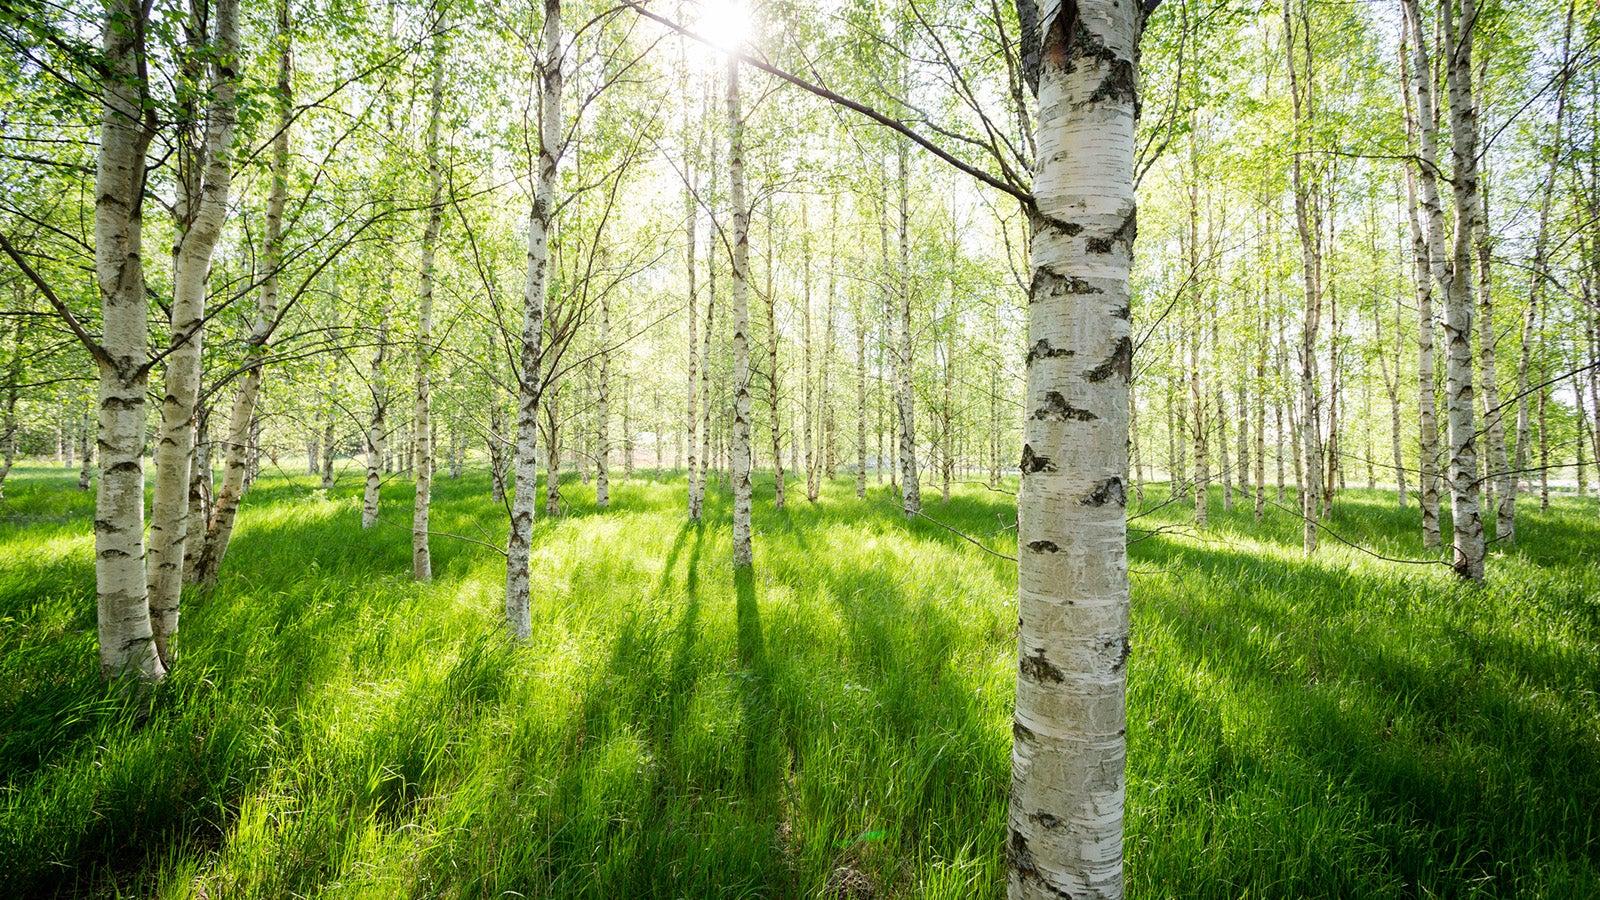 Die Pollen der Birke: Allergie-Risiko mit vielen Symptomen